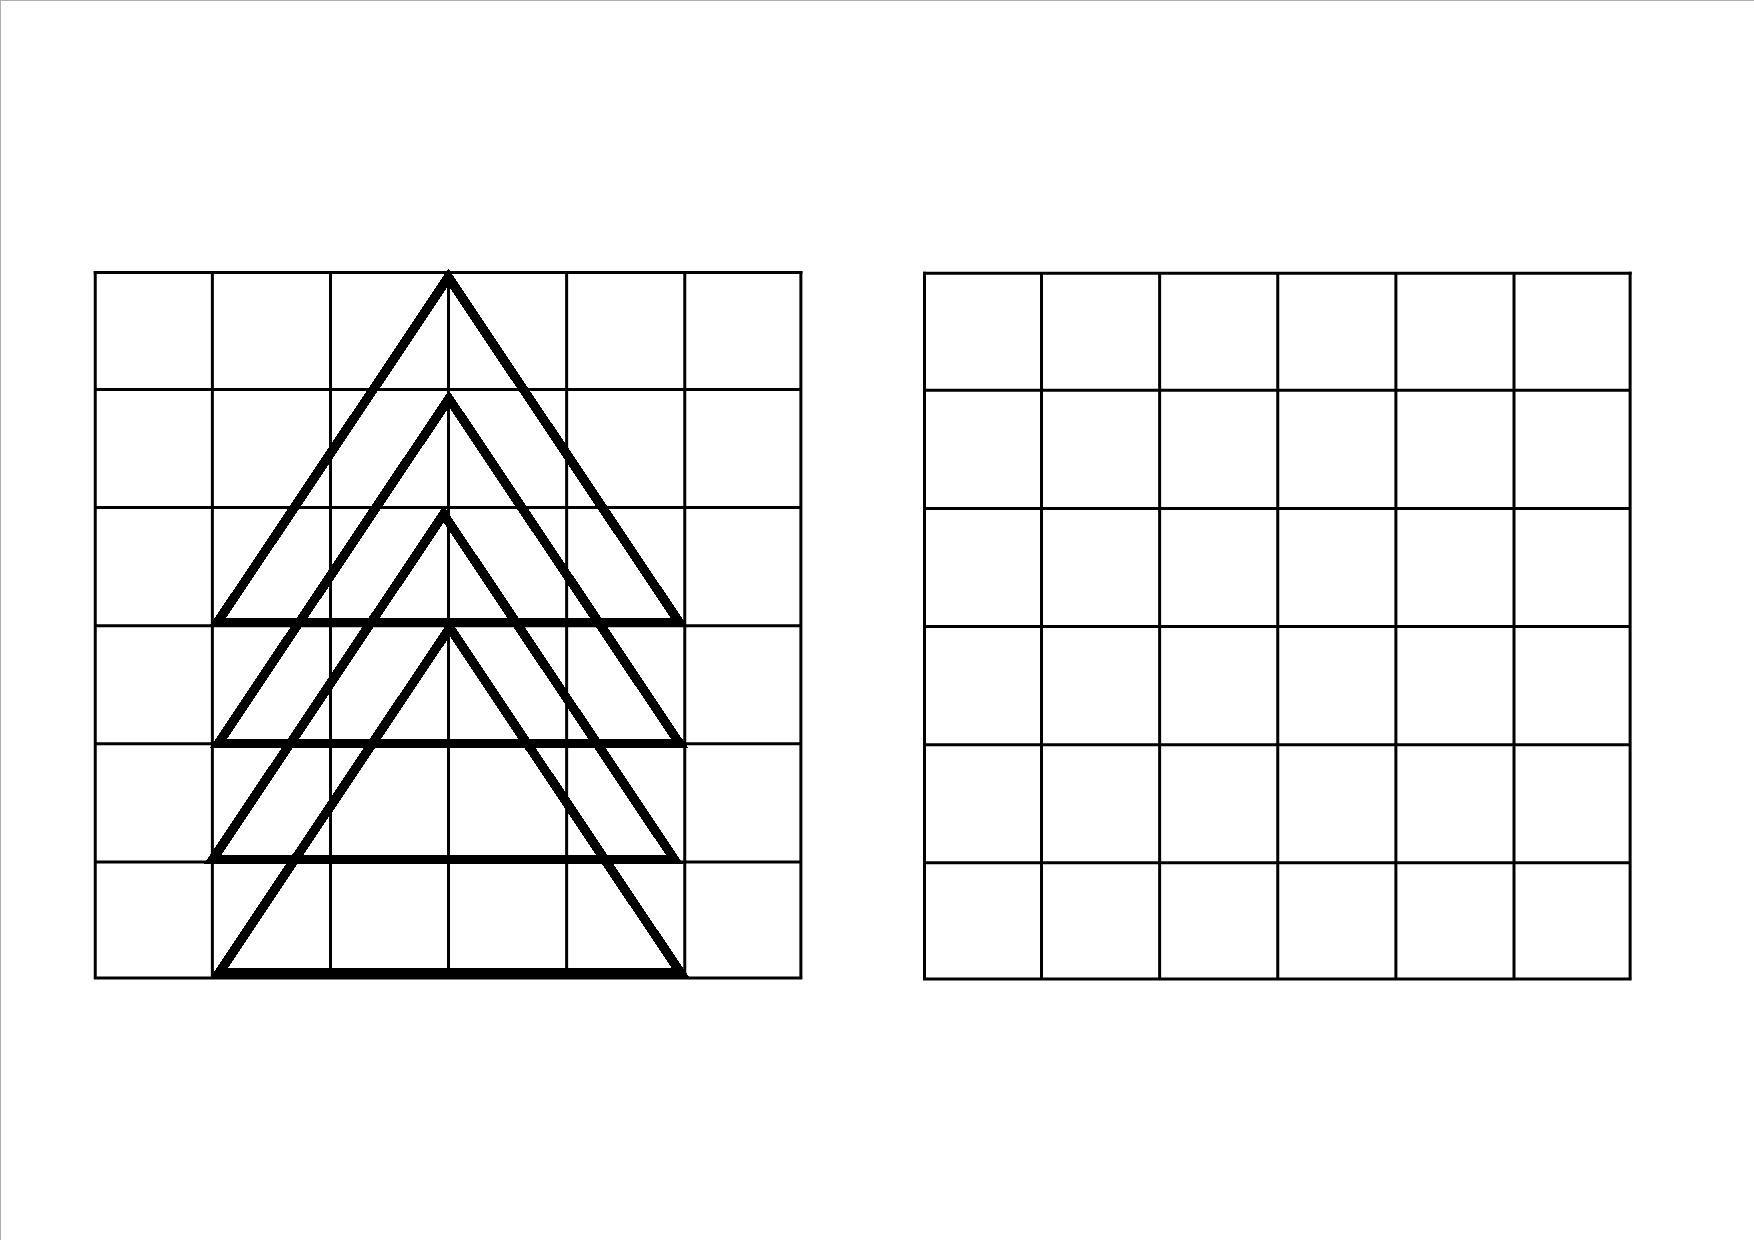 Symmetry Worksheets Mathsalamandercom Maths Symmetry